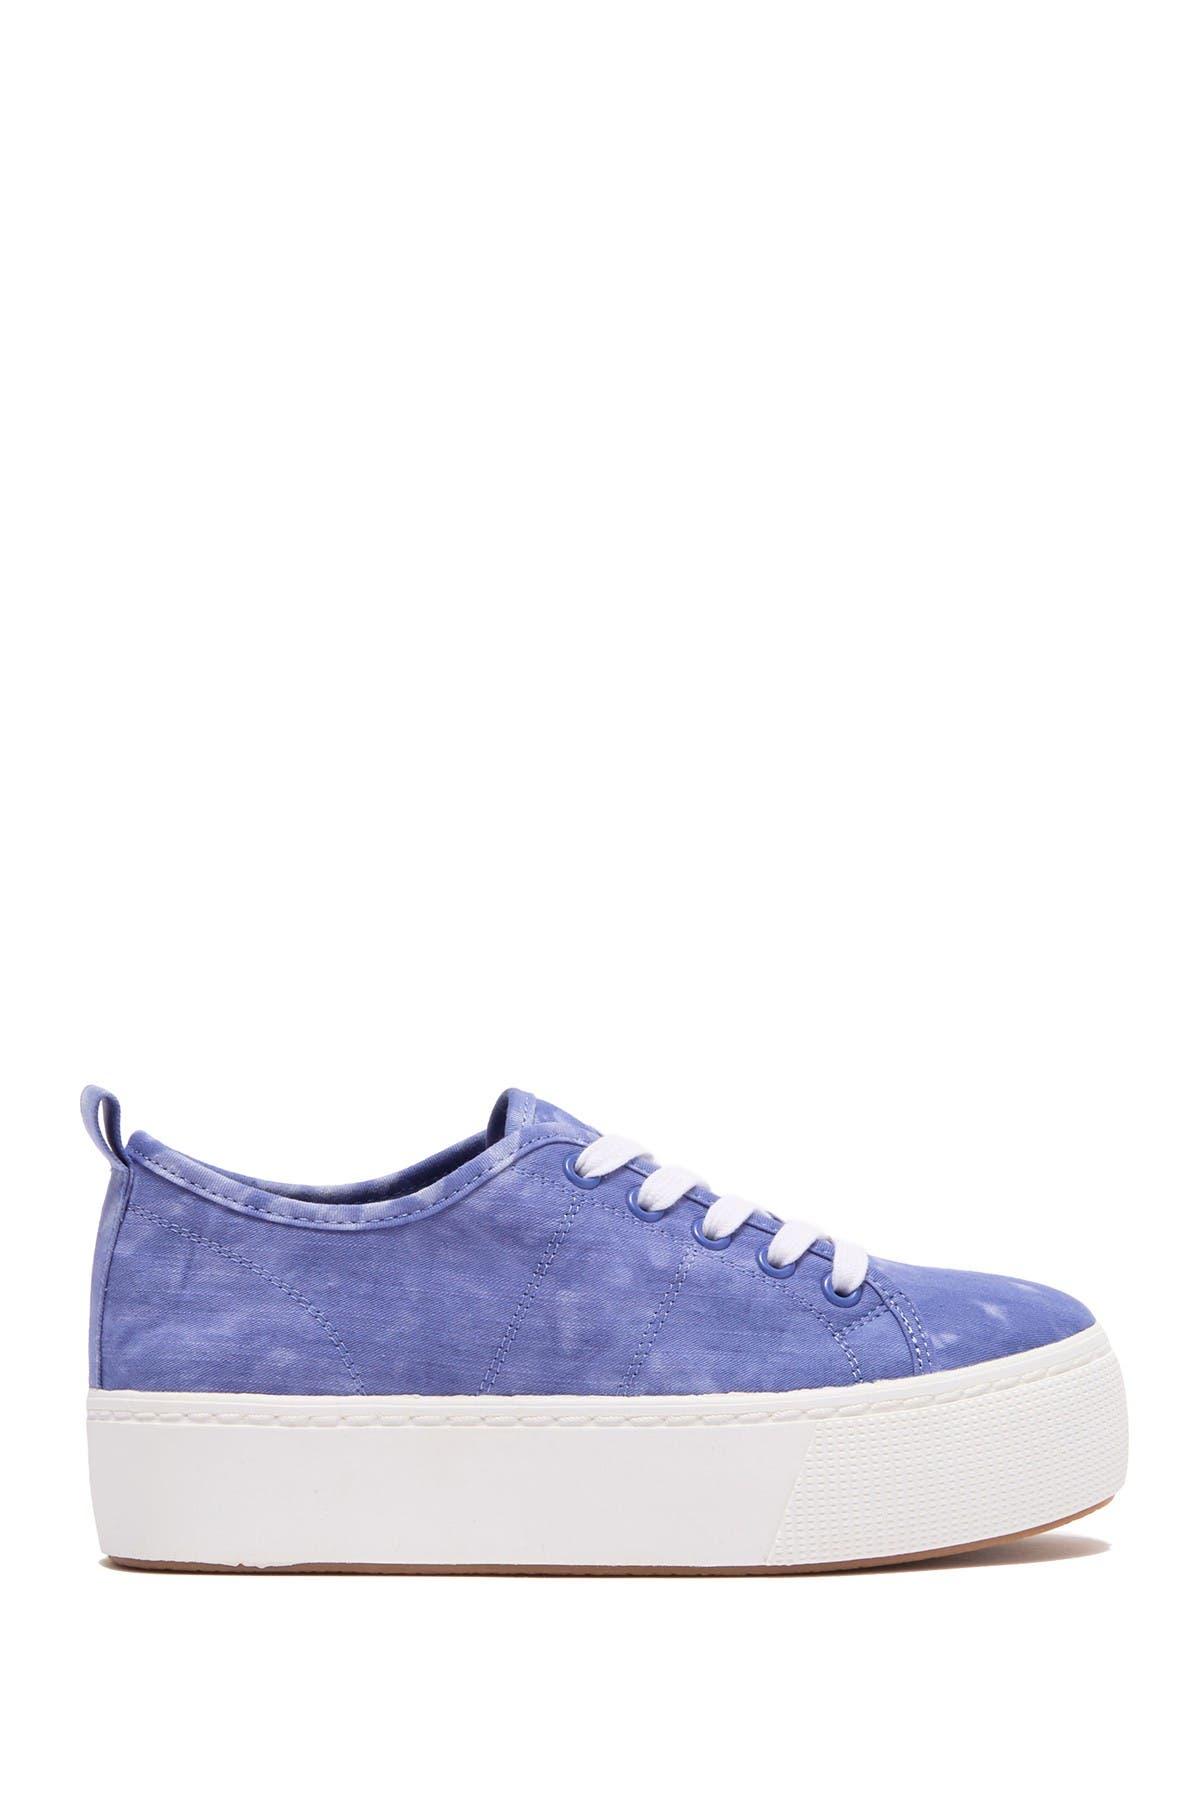 Abound | Neely Platform Sneaker | HauteLook